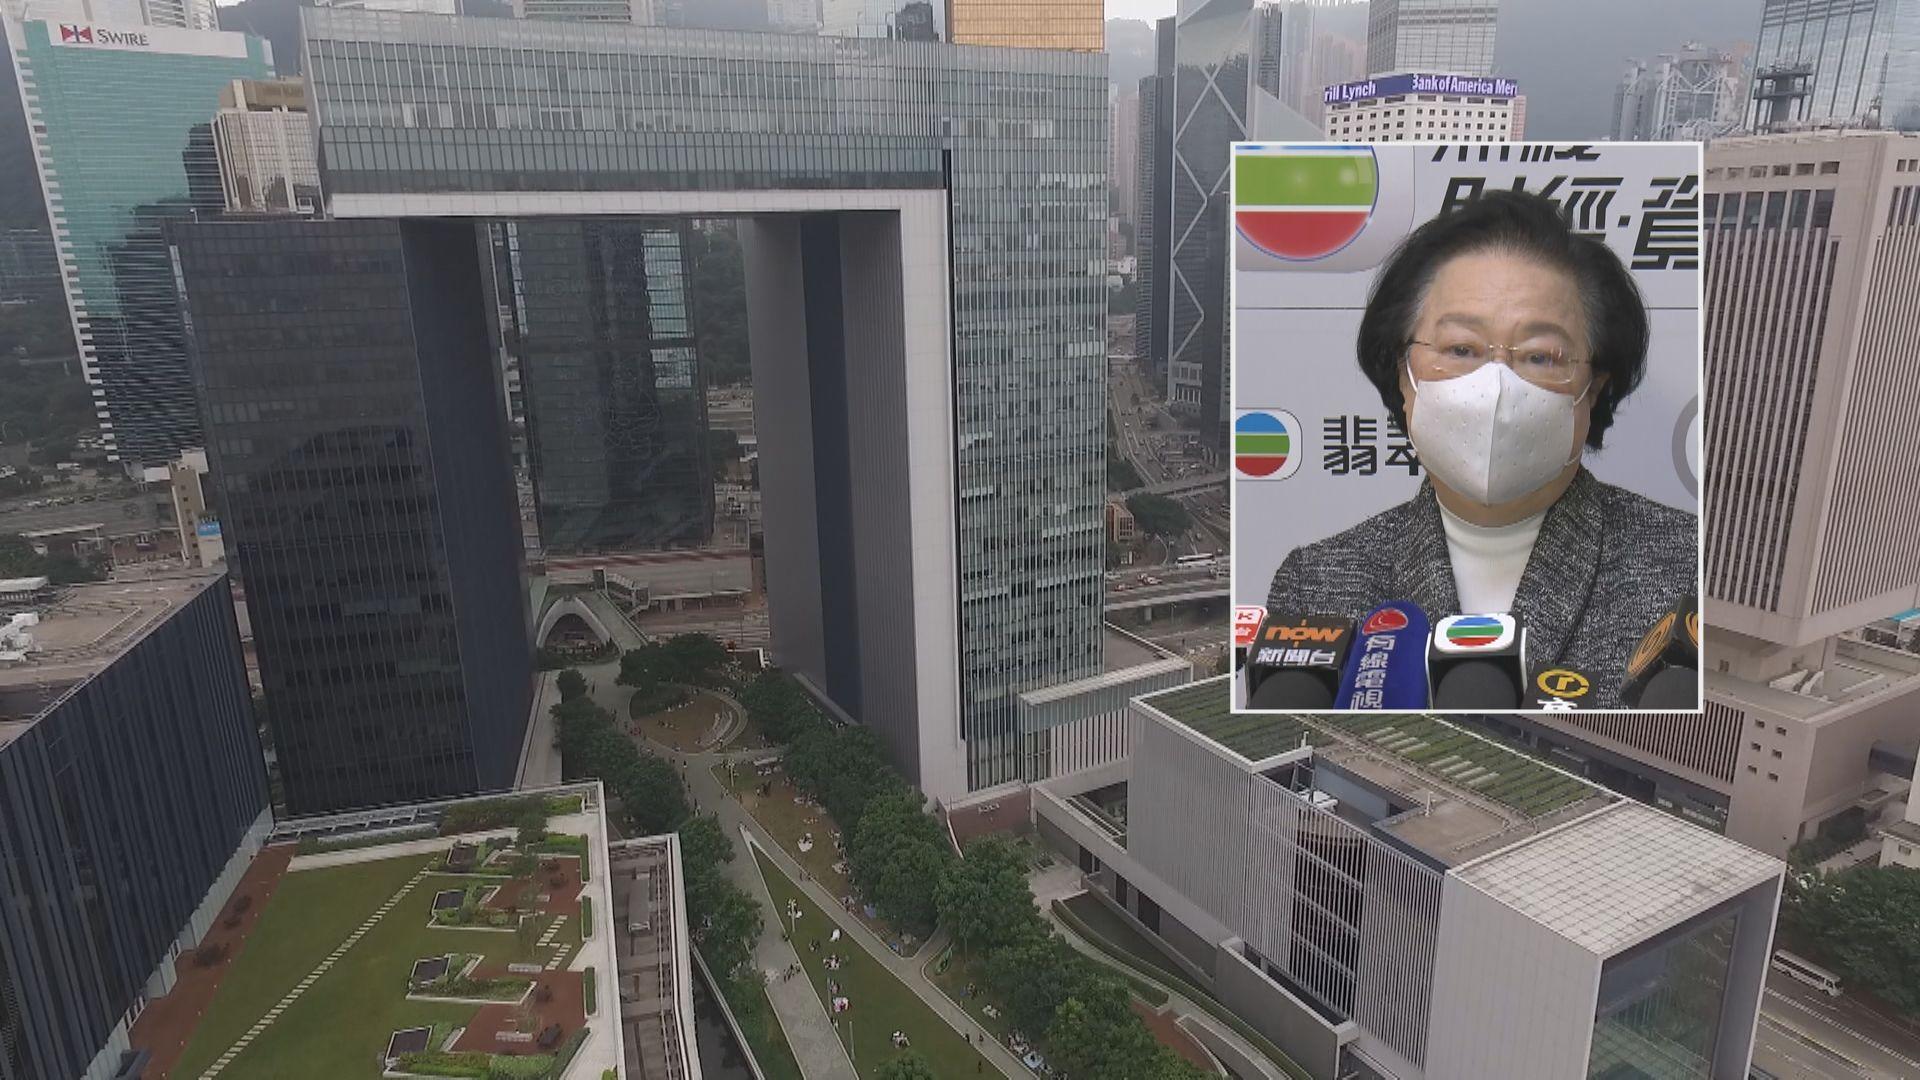 譚惠珠︰外國制裁官員不符程序公義